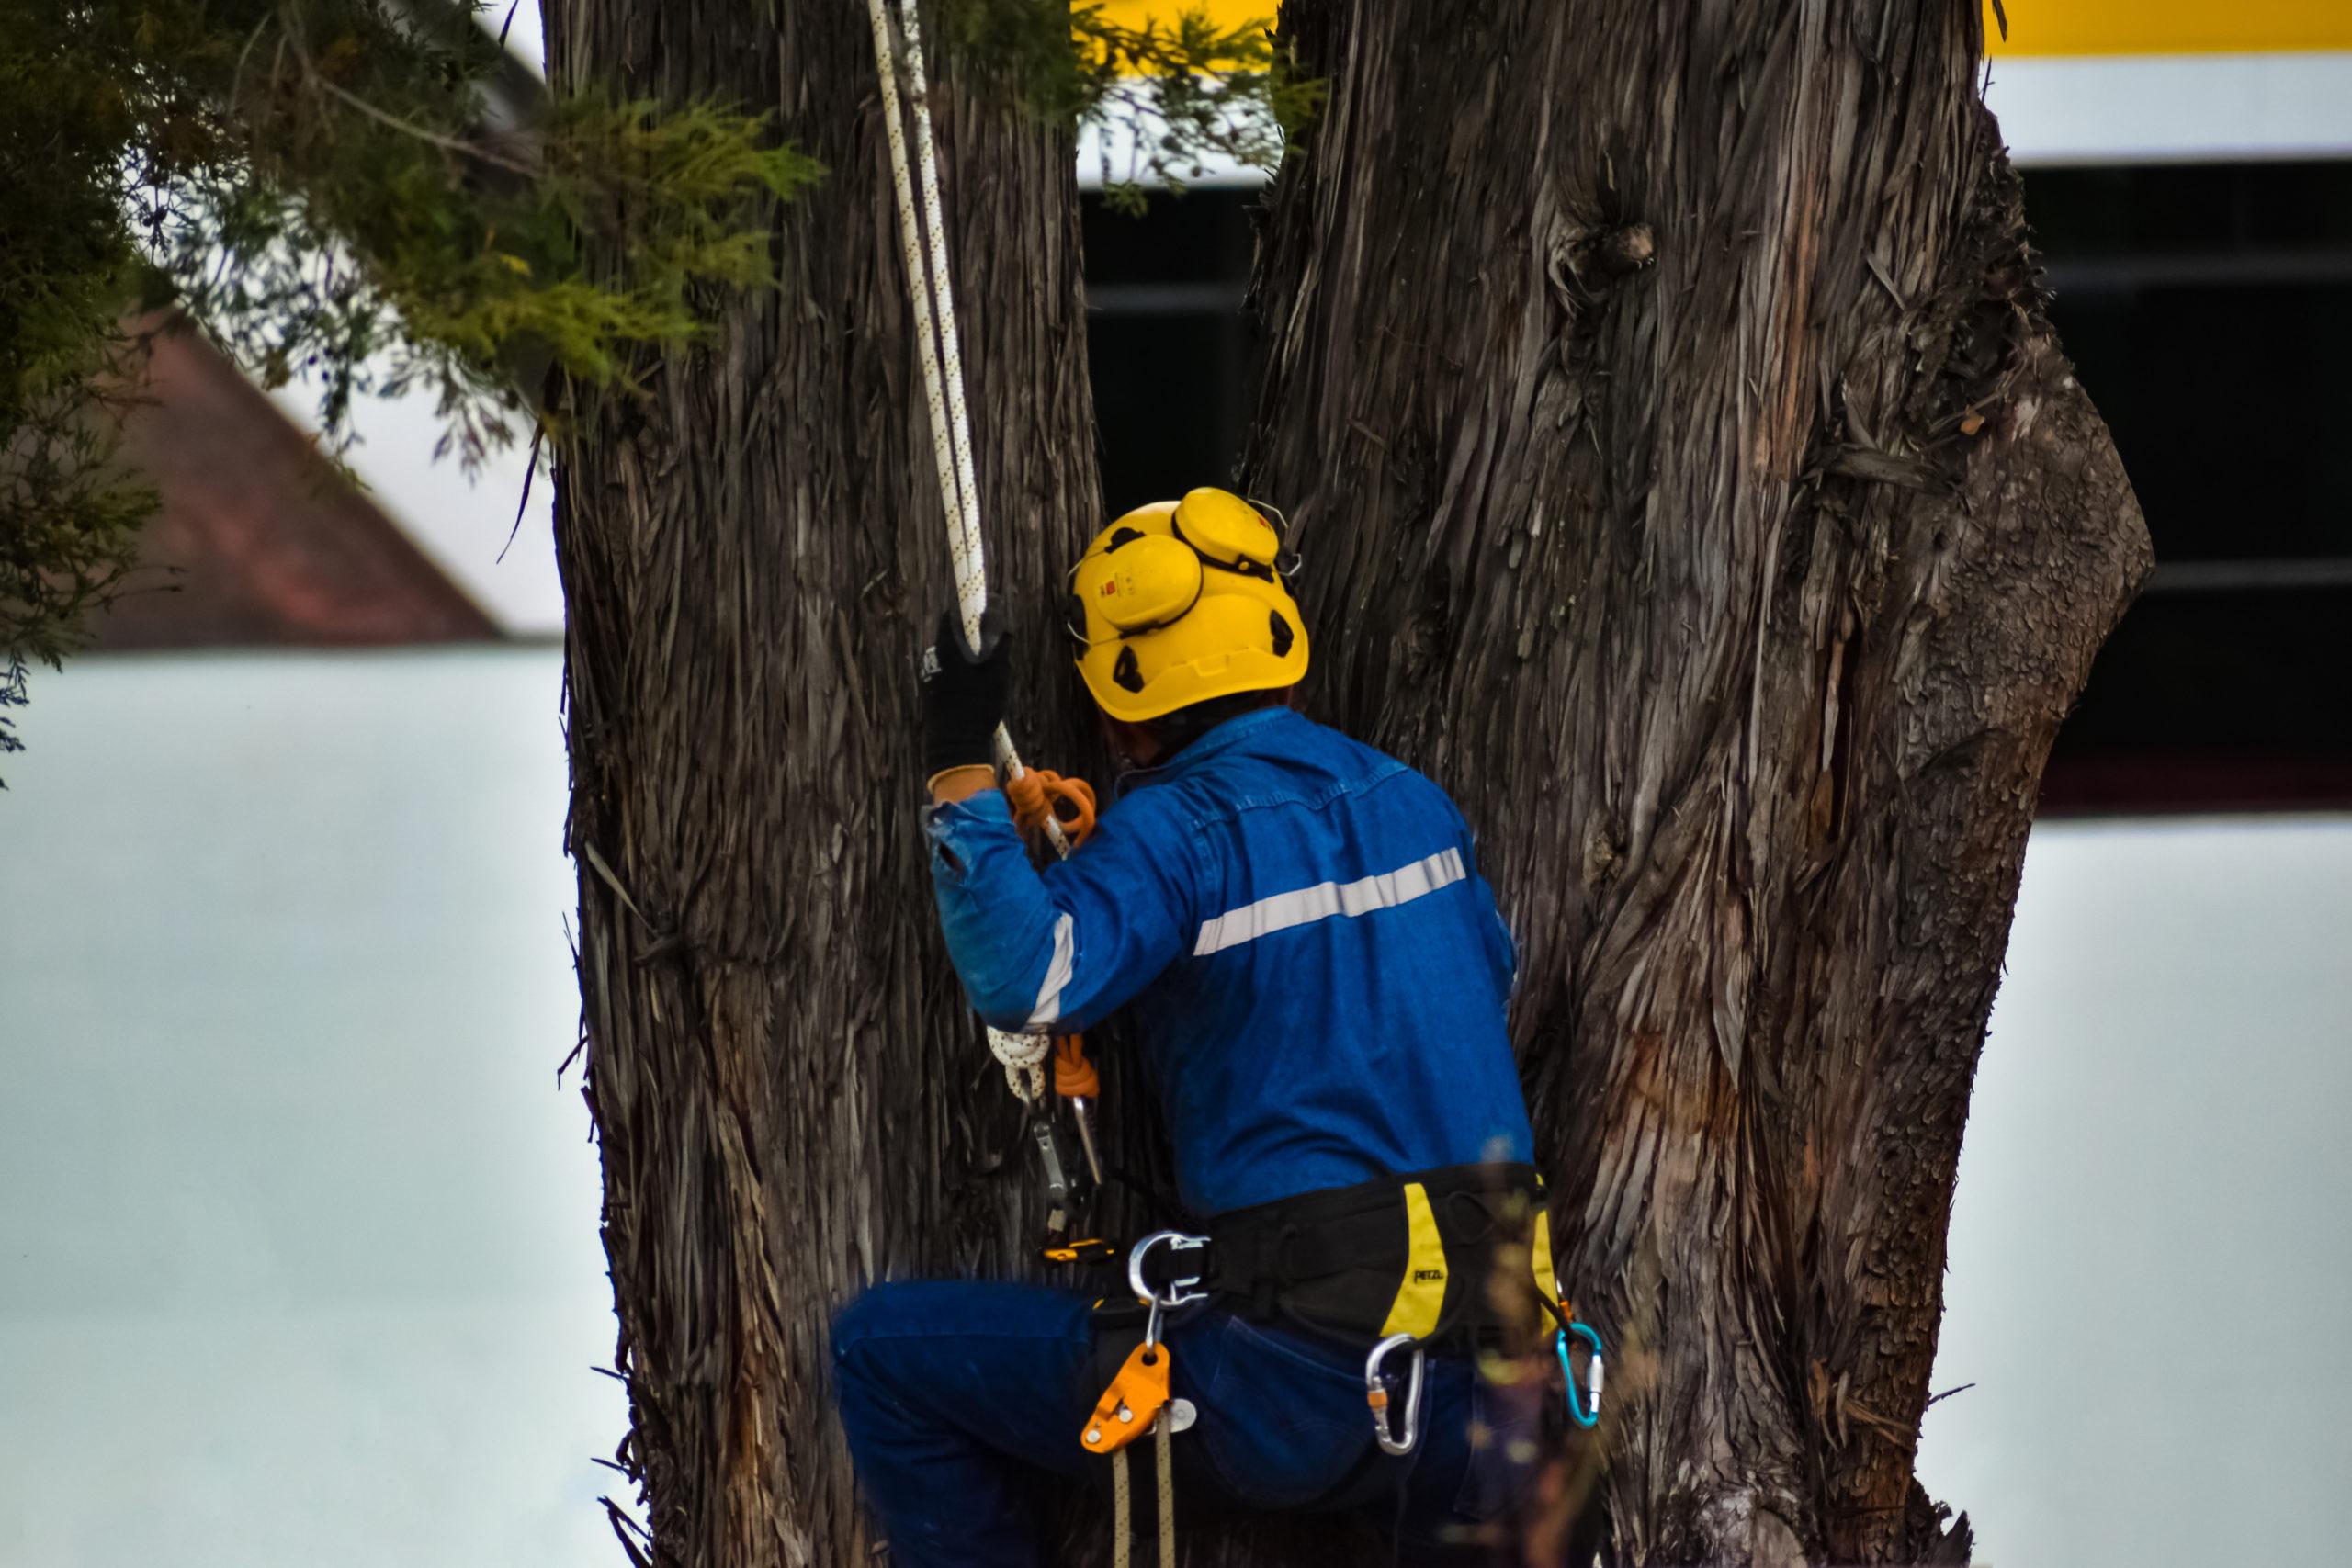 Trained Arborist